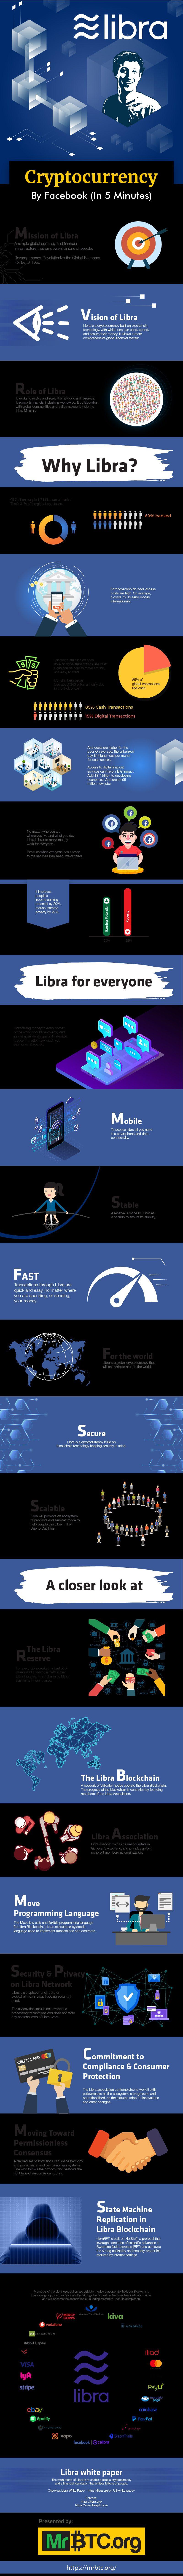 Libra Infographic